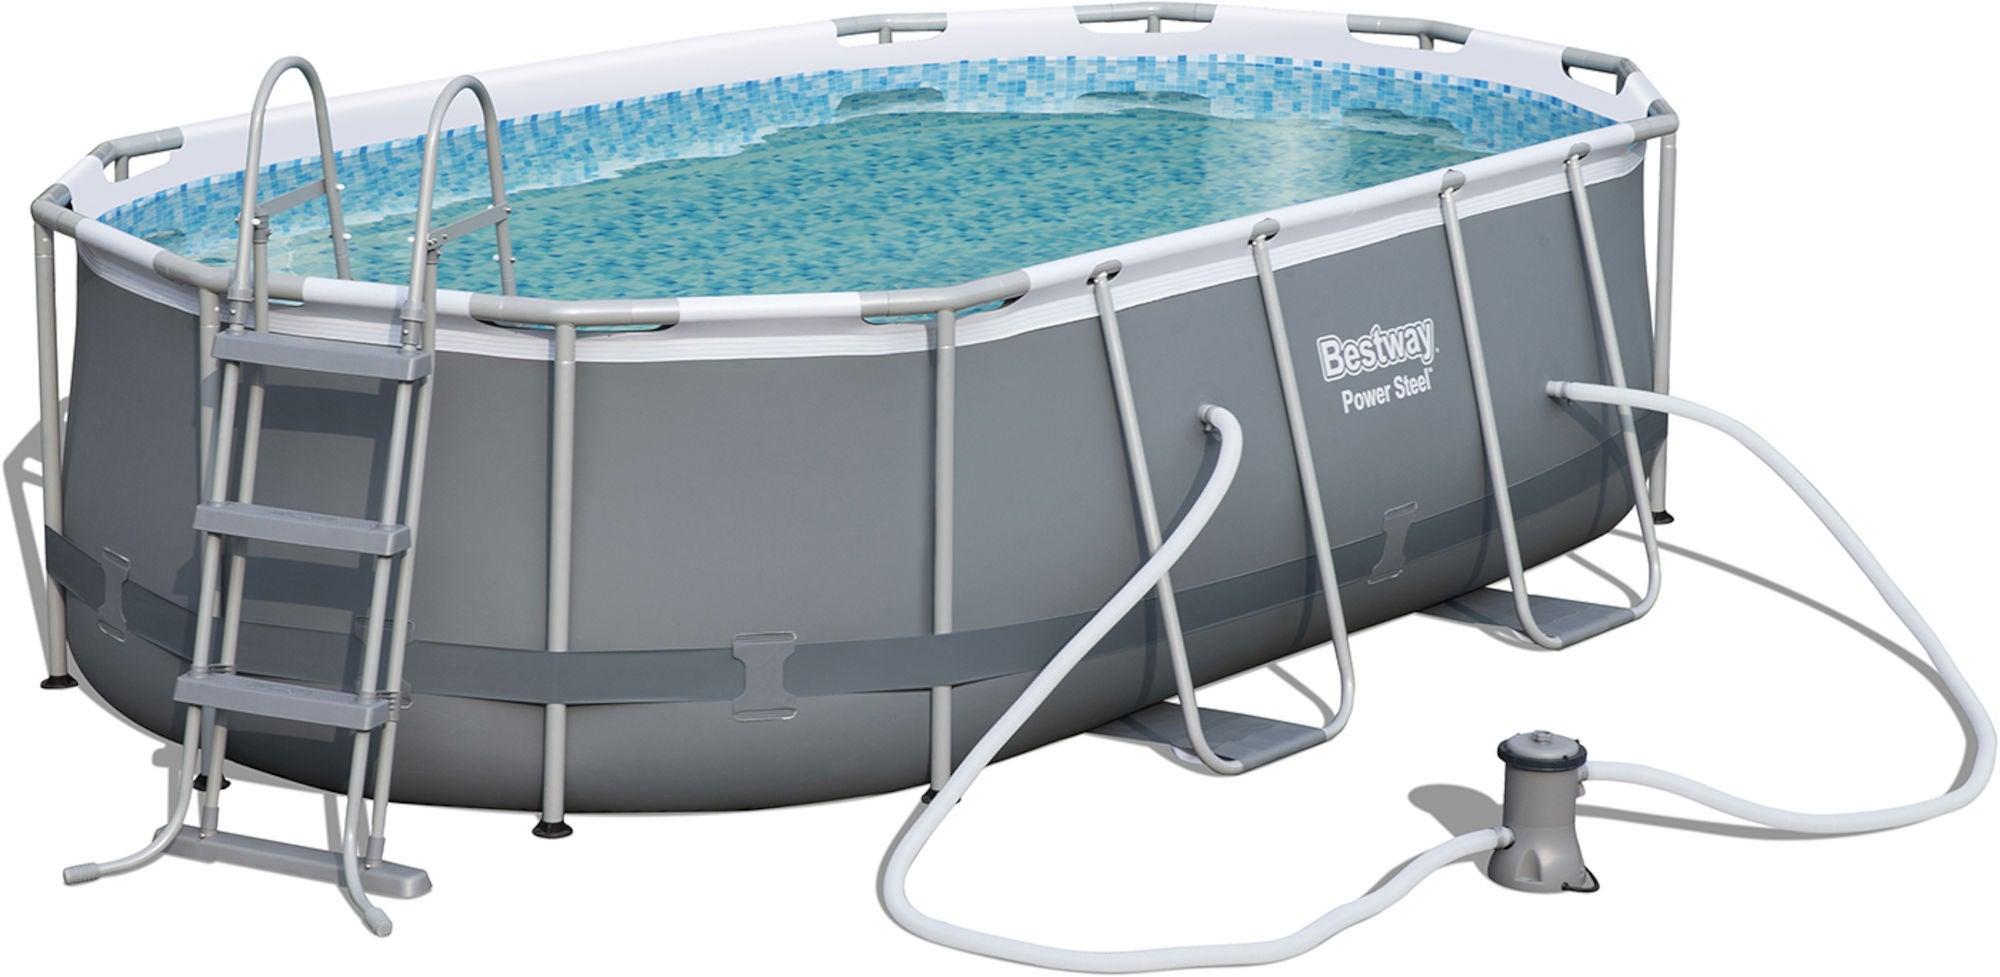 Bestway Power Steel Oval Pool m. Tillbehör 424 x 250